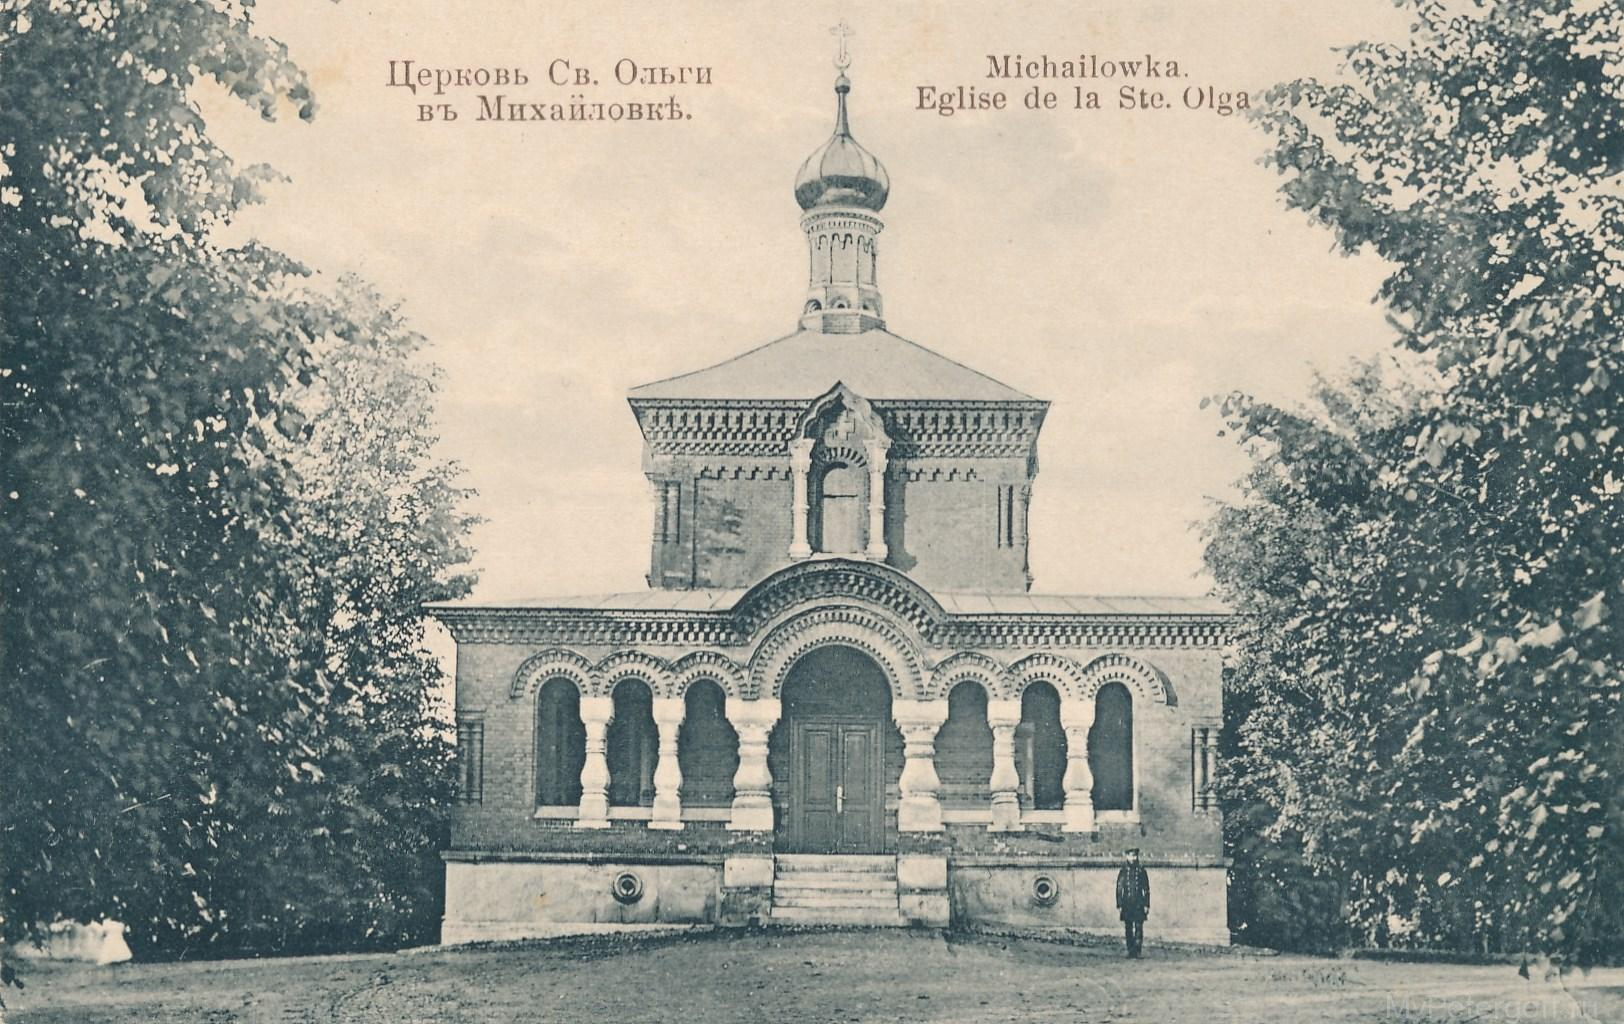 Церковь Св. Ольги в Михайловке